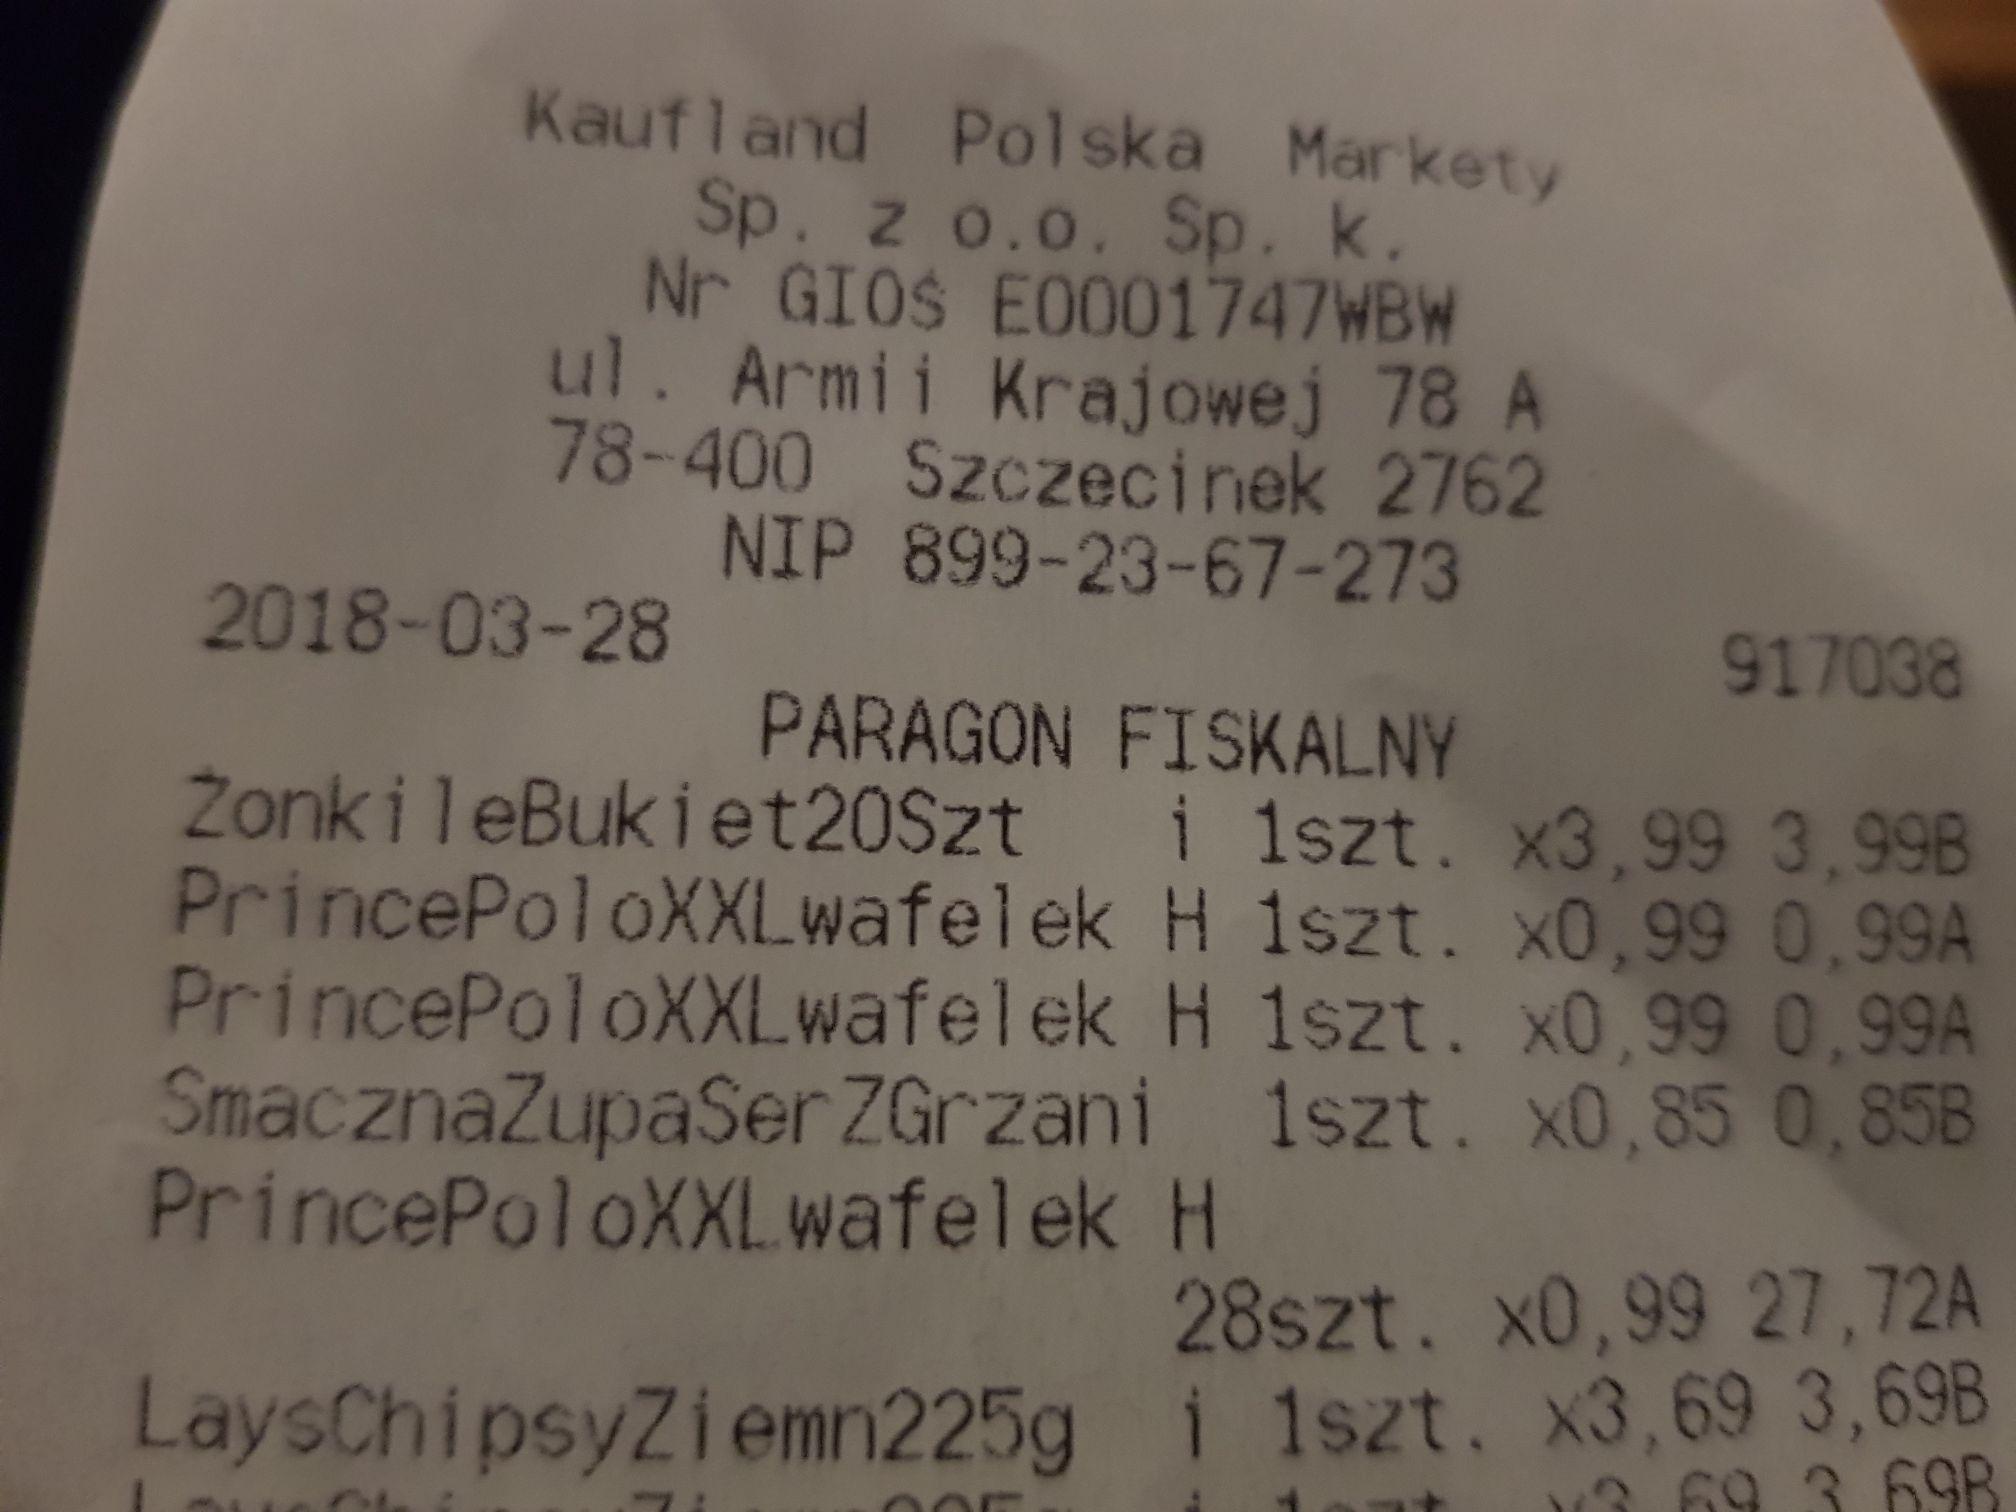 Prince polo xxl różne smaki Kaufland